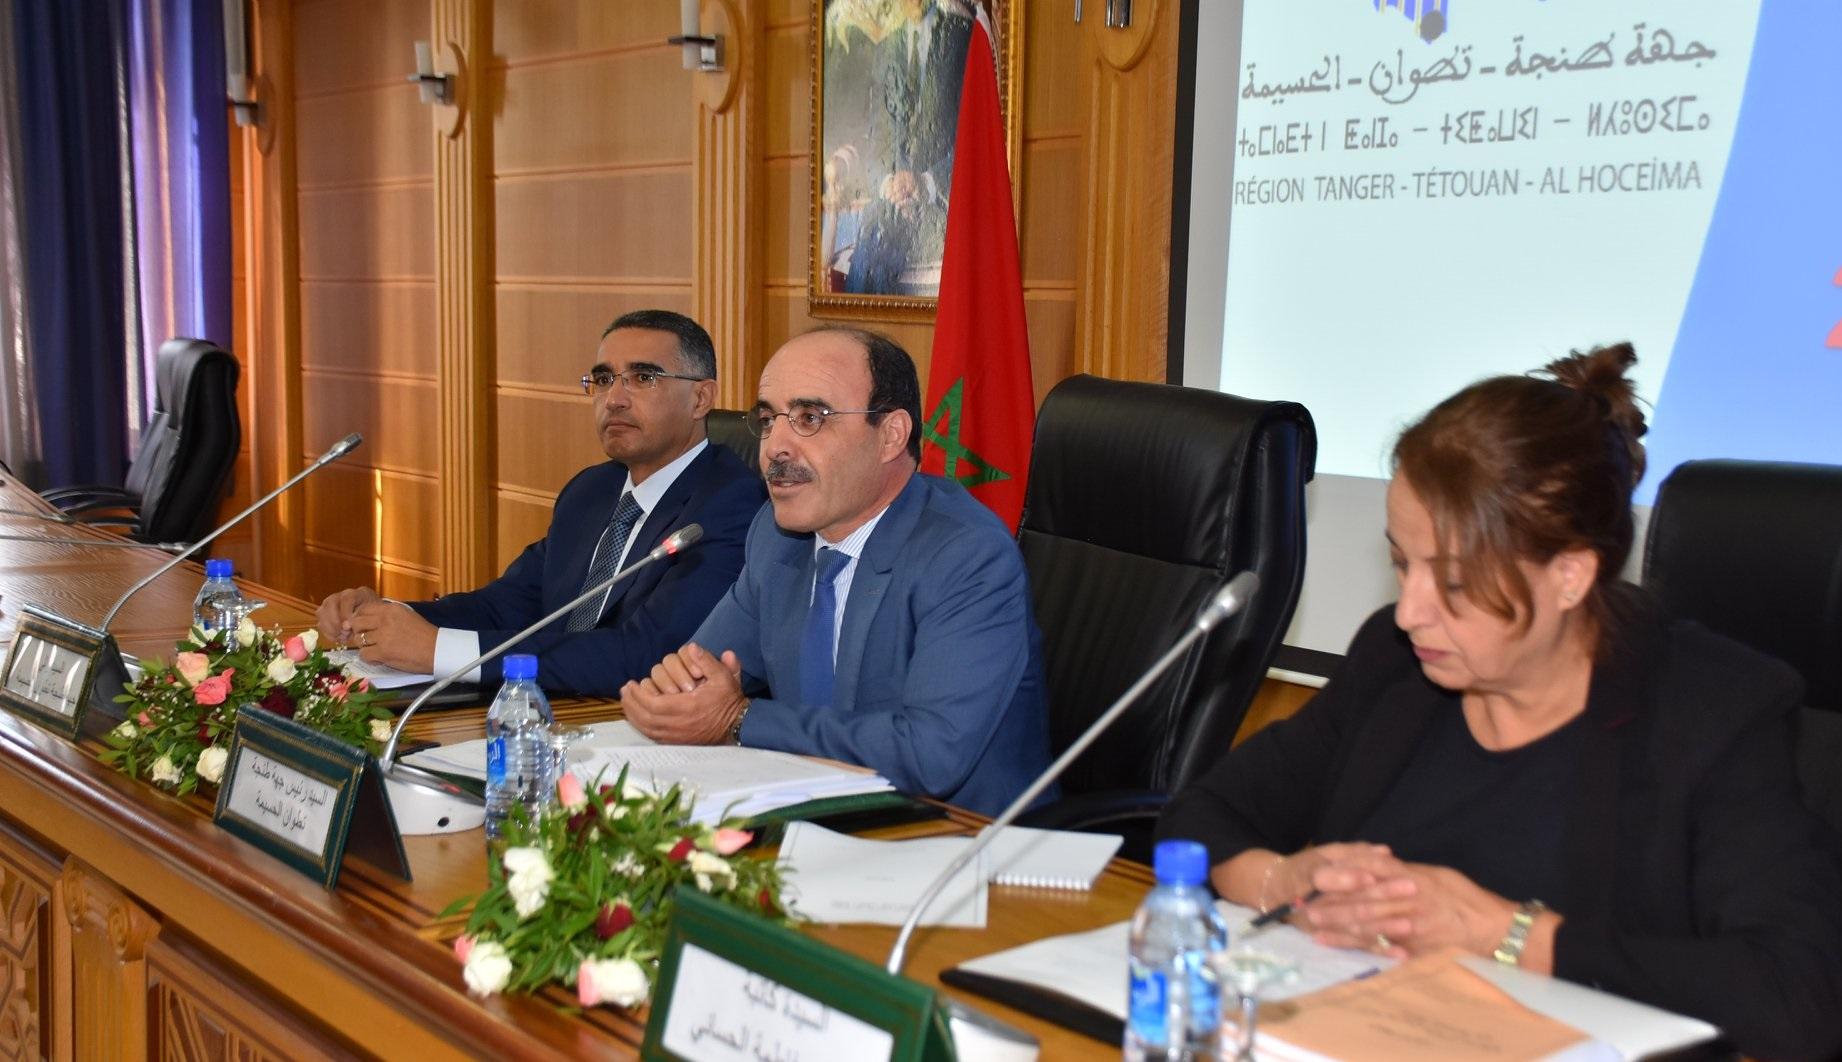 مجلس العماري ينجز متحفا بالحسيمة بغلاف مالي يبلغ 60 مليون درهم